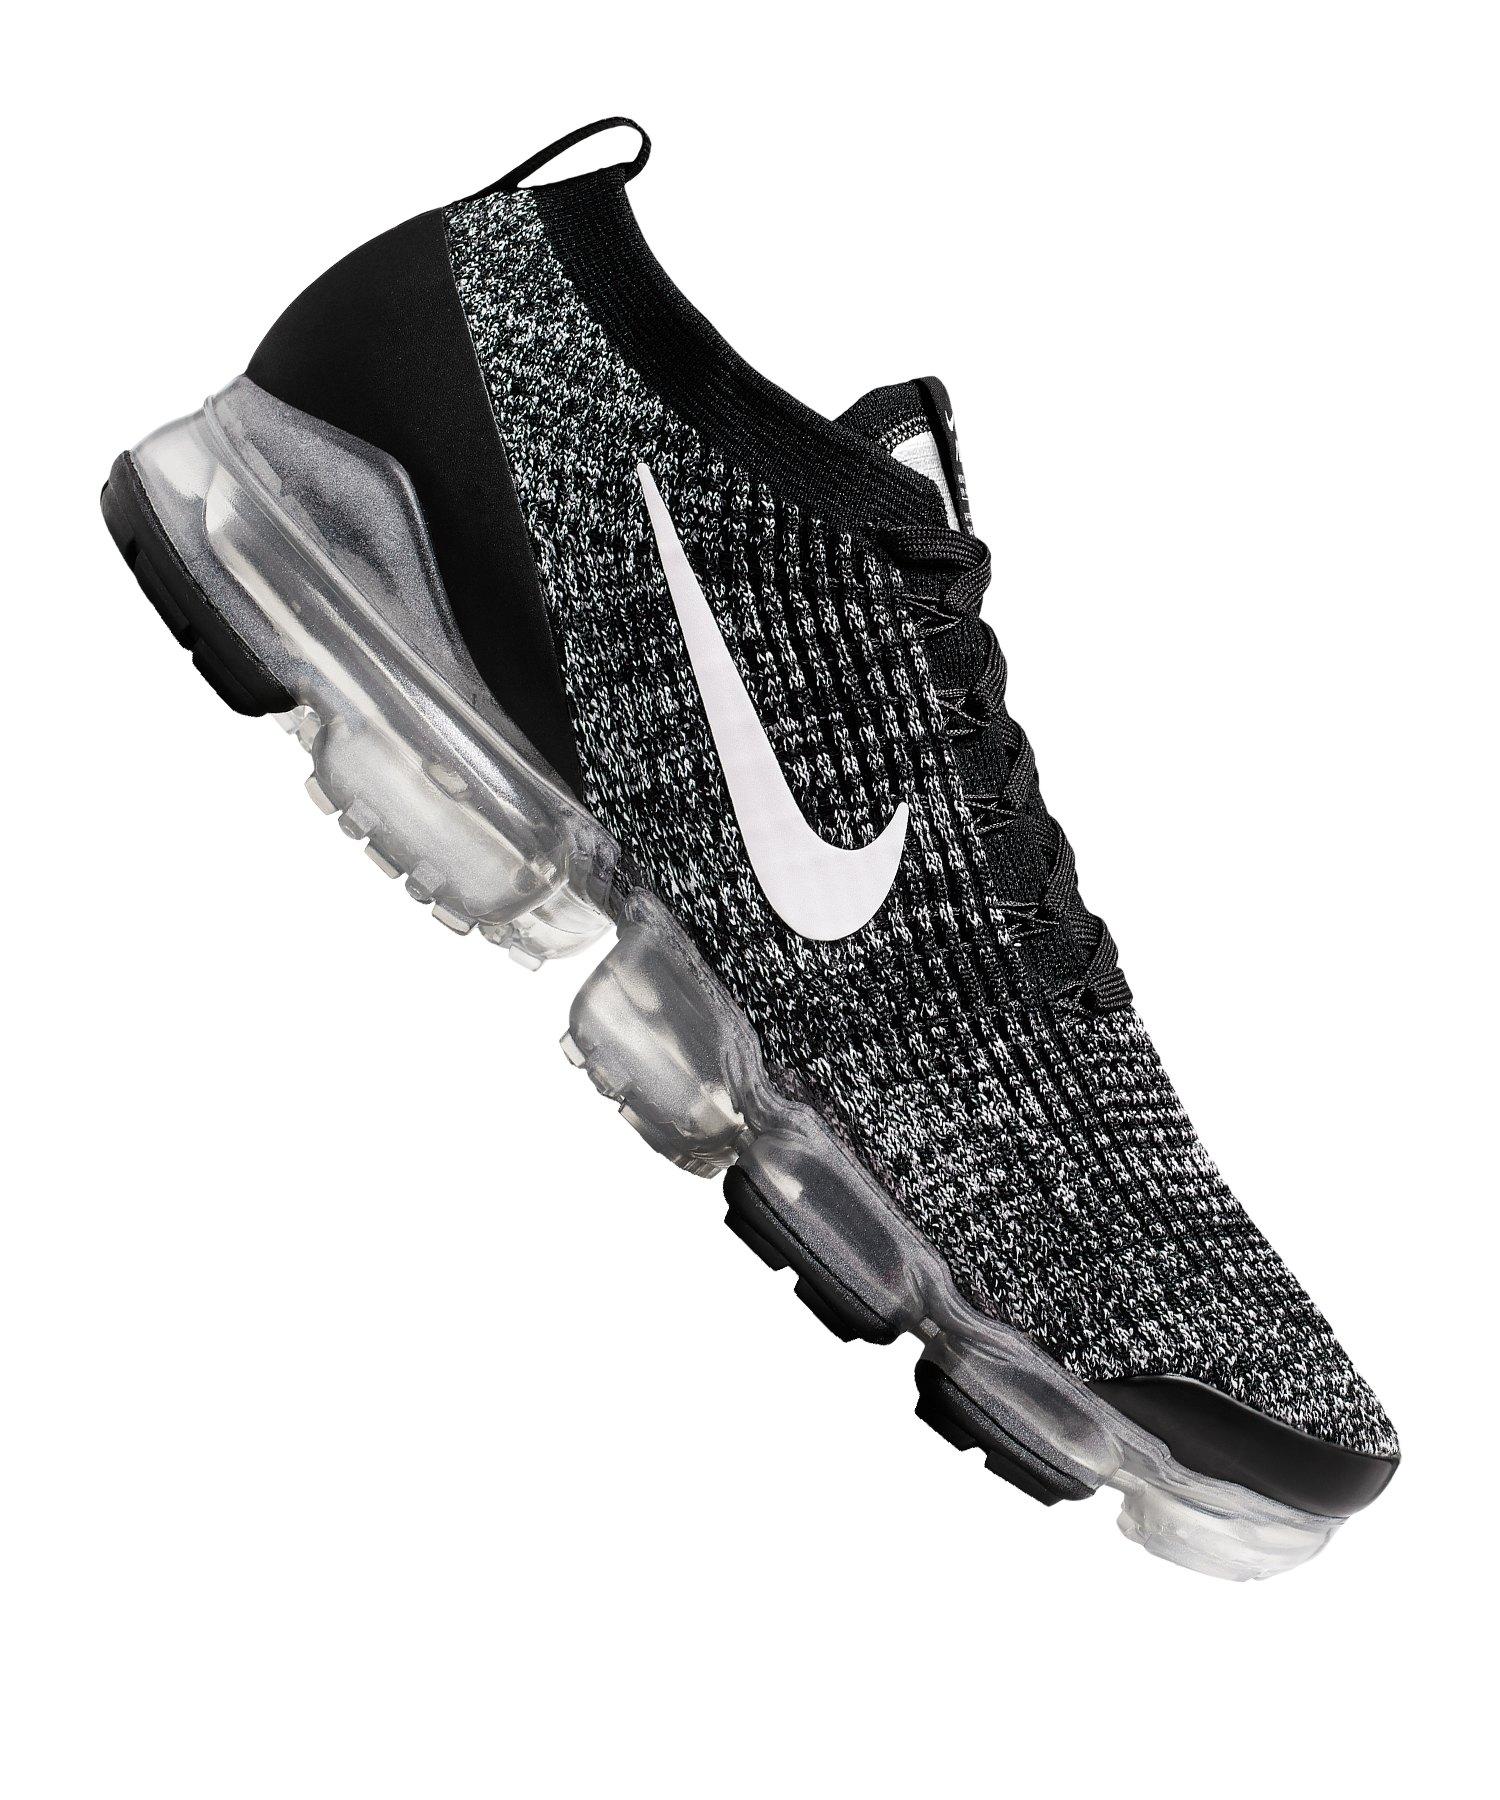 Damen Unter 100 97 Euro Air Max Nike vmN0w8n